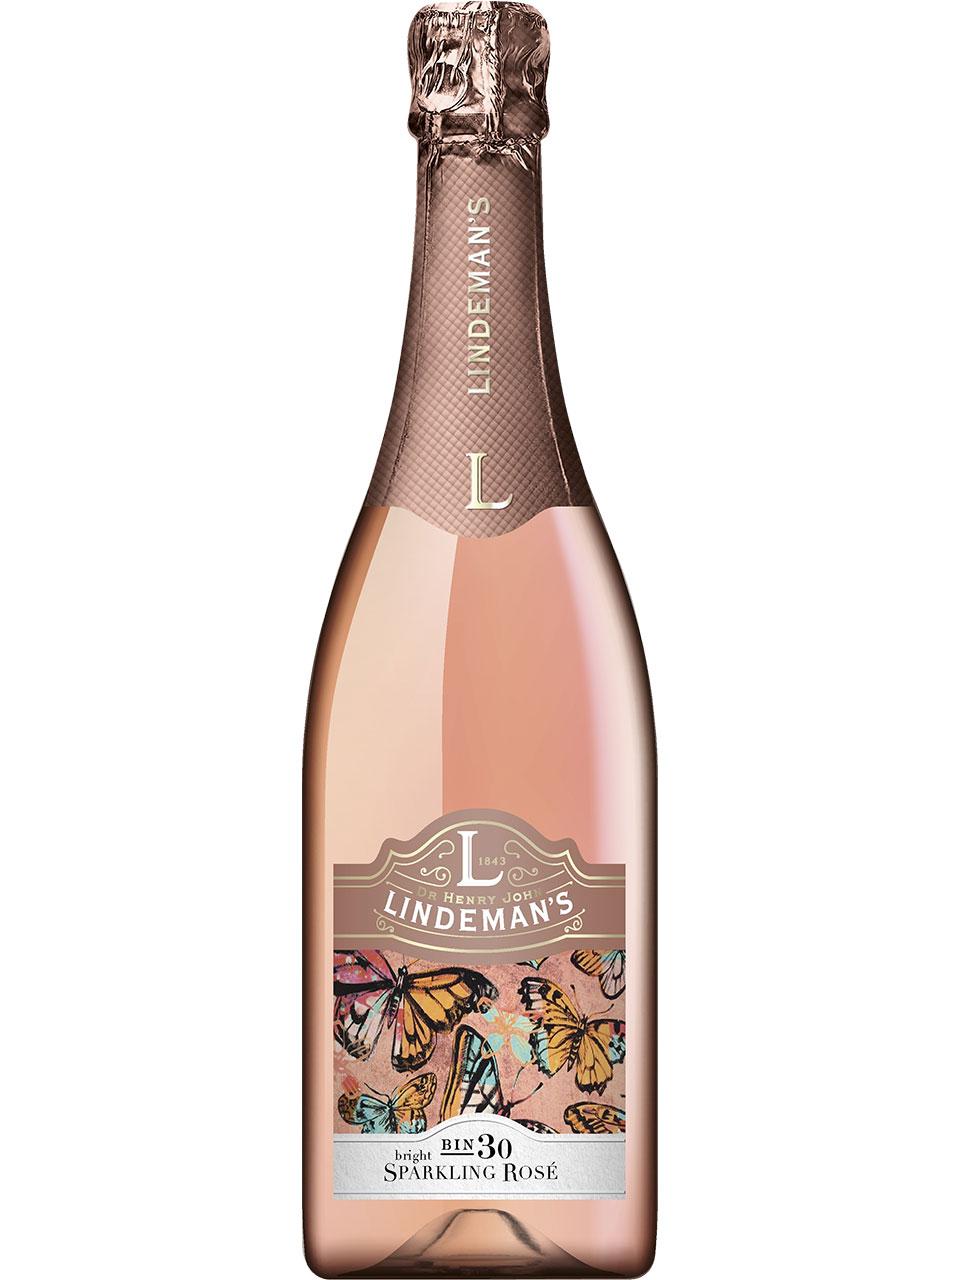 Lindeman's Bin 30 Sparkling Rose